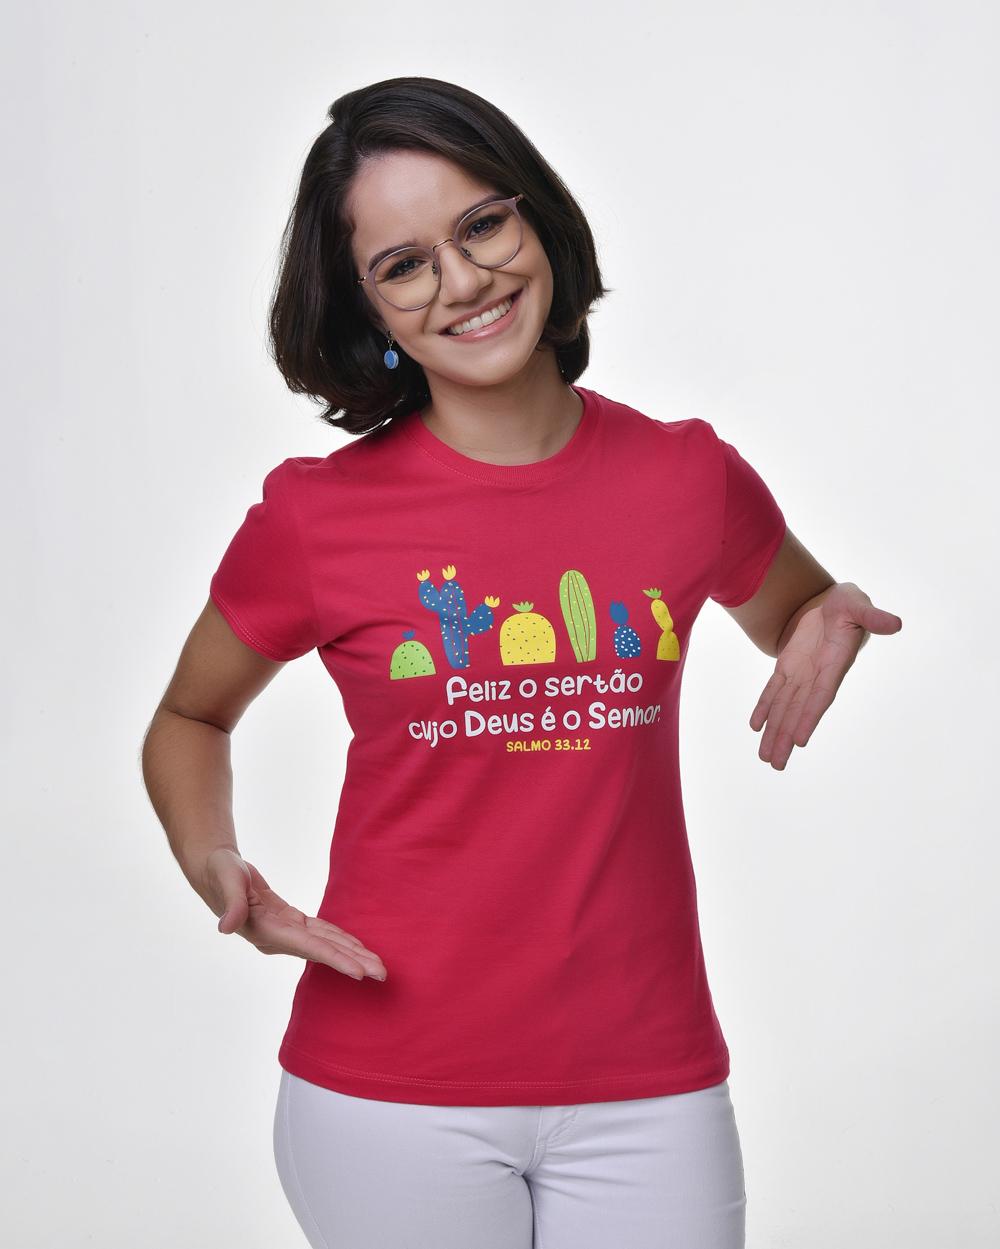 Camiseta Baby Look - Bendito Sertão 02 (Algodão)